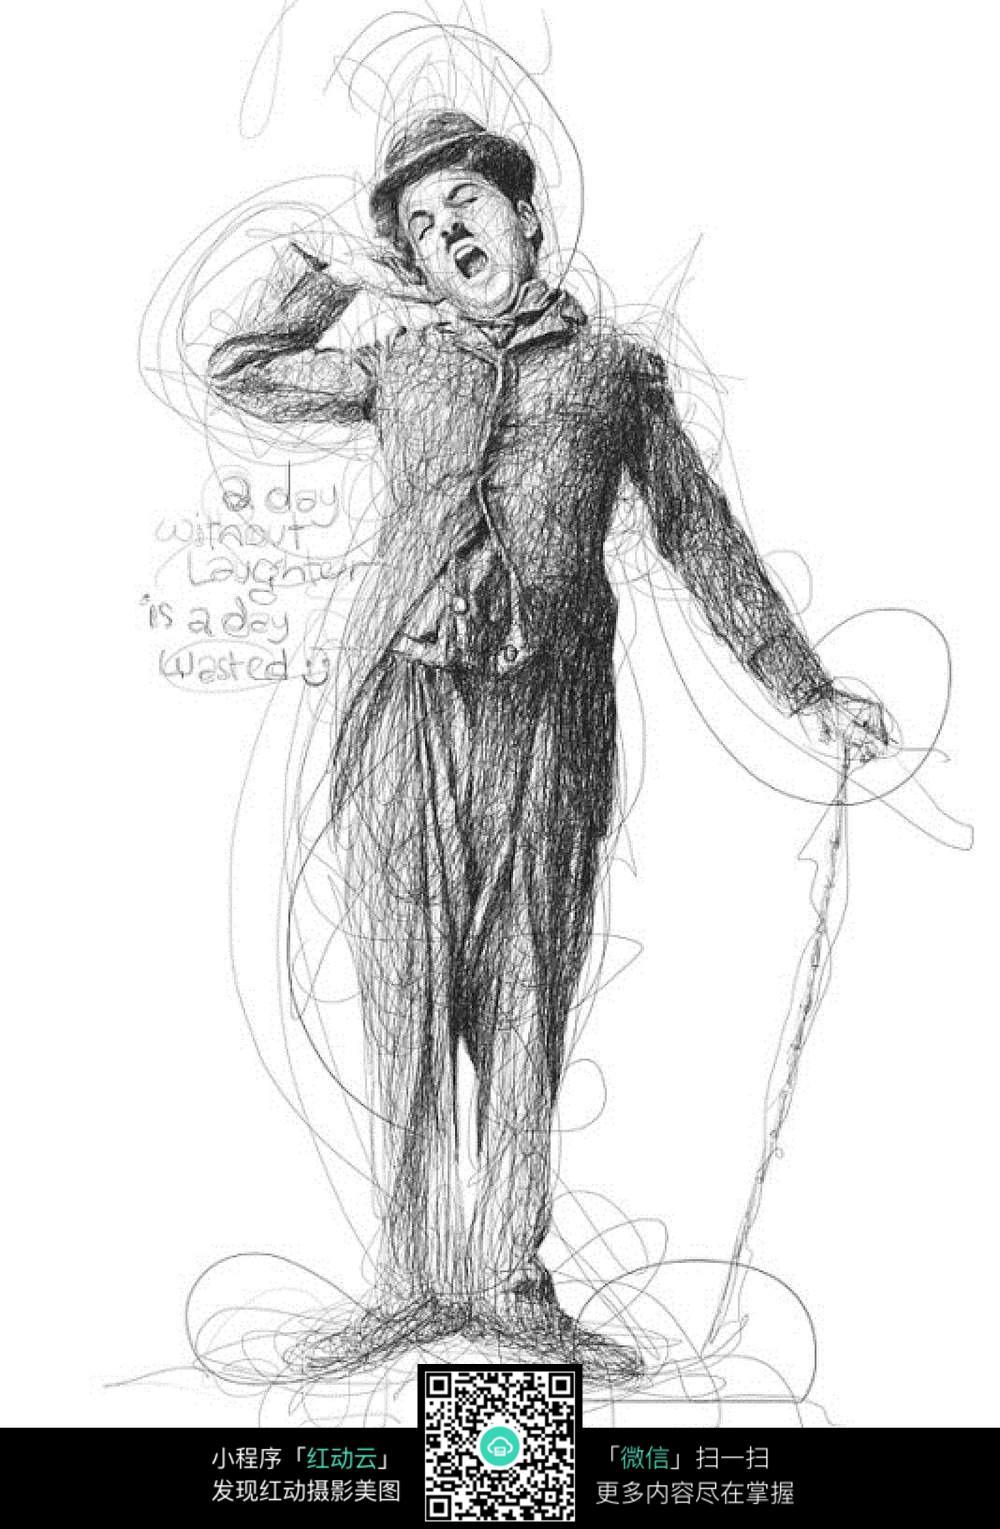 卓别林素描画像